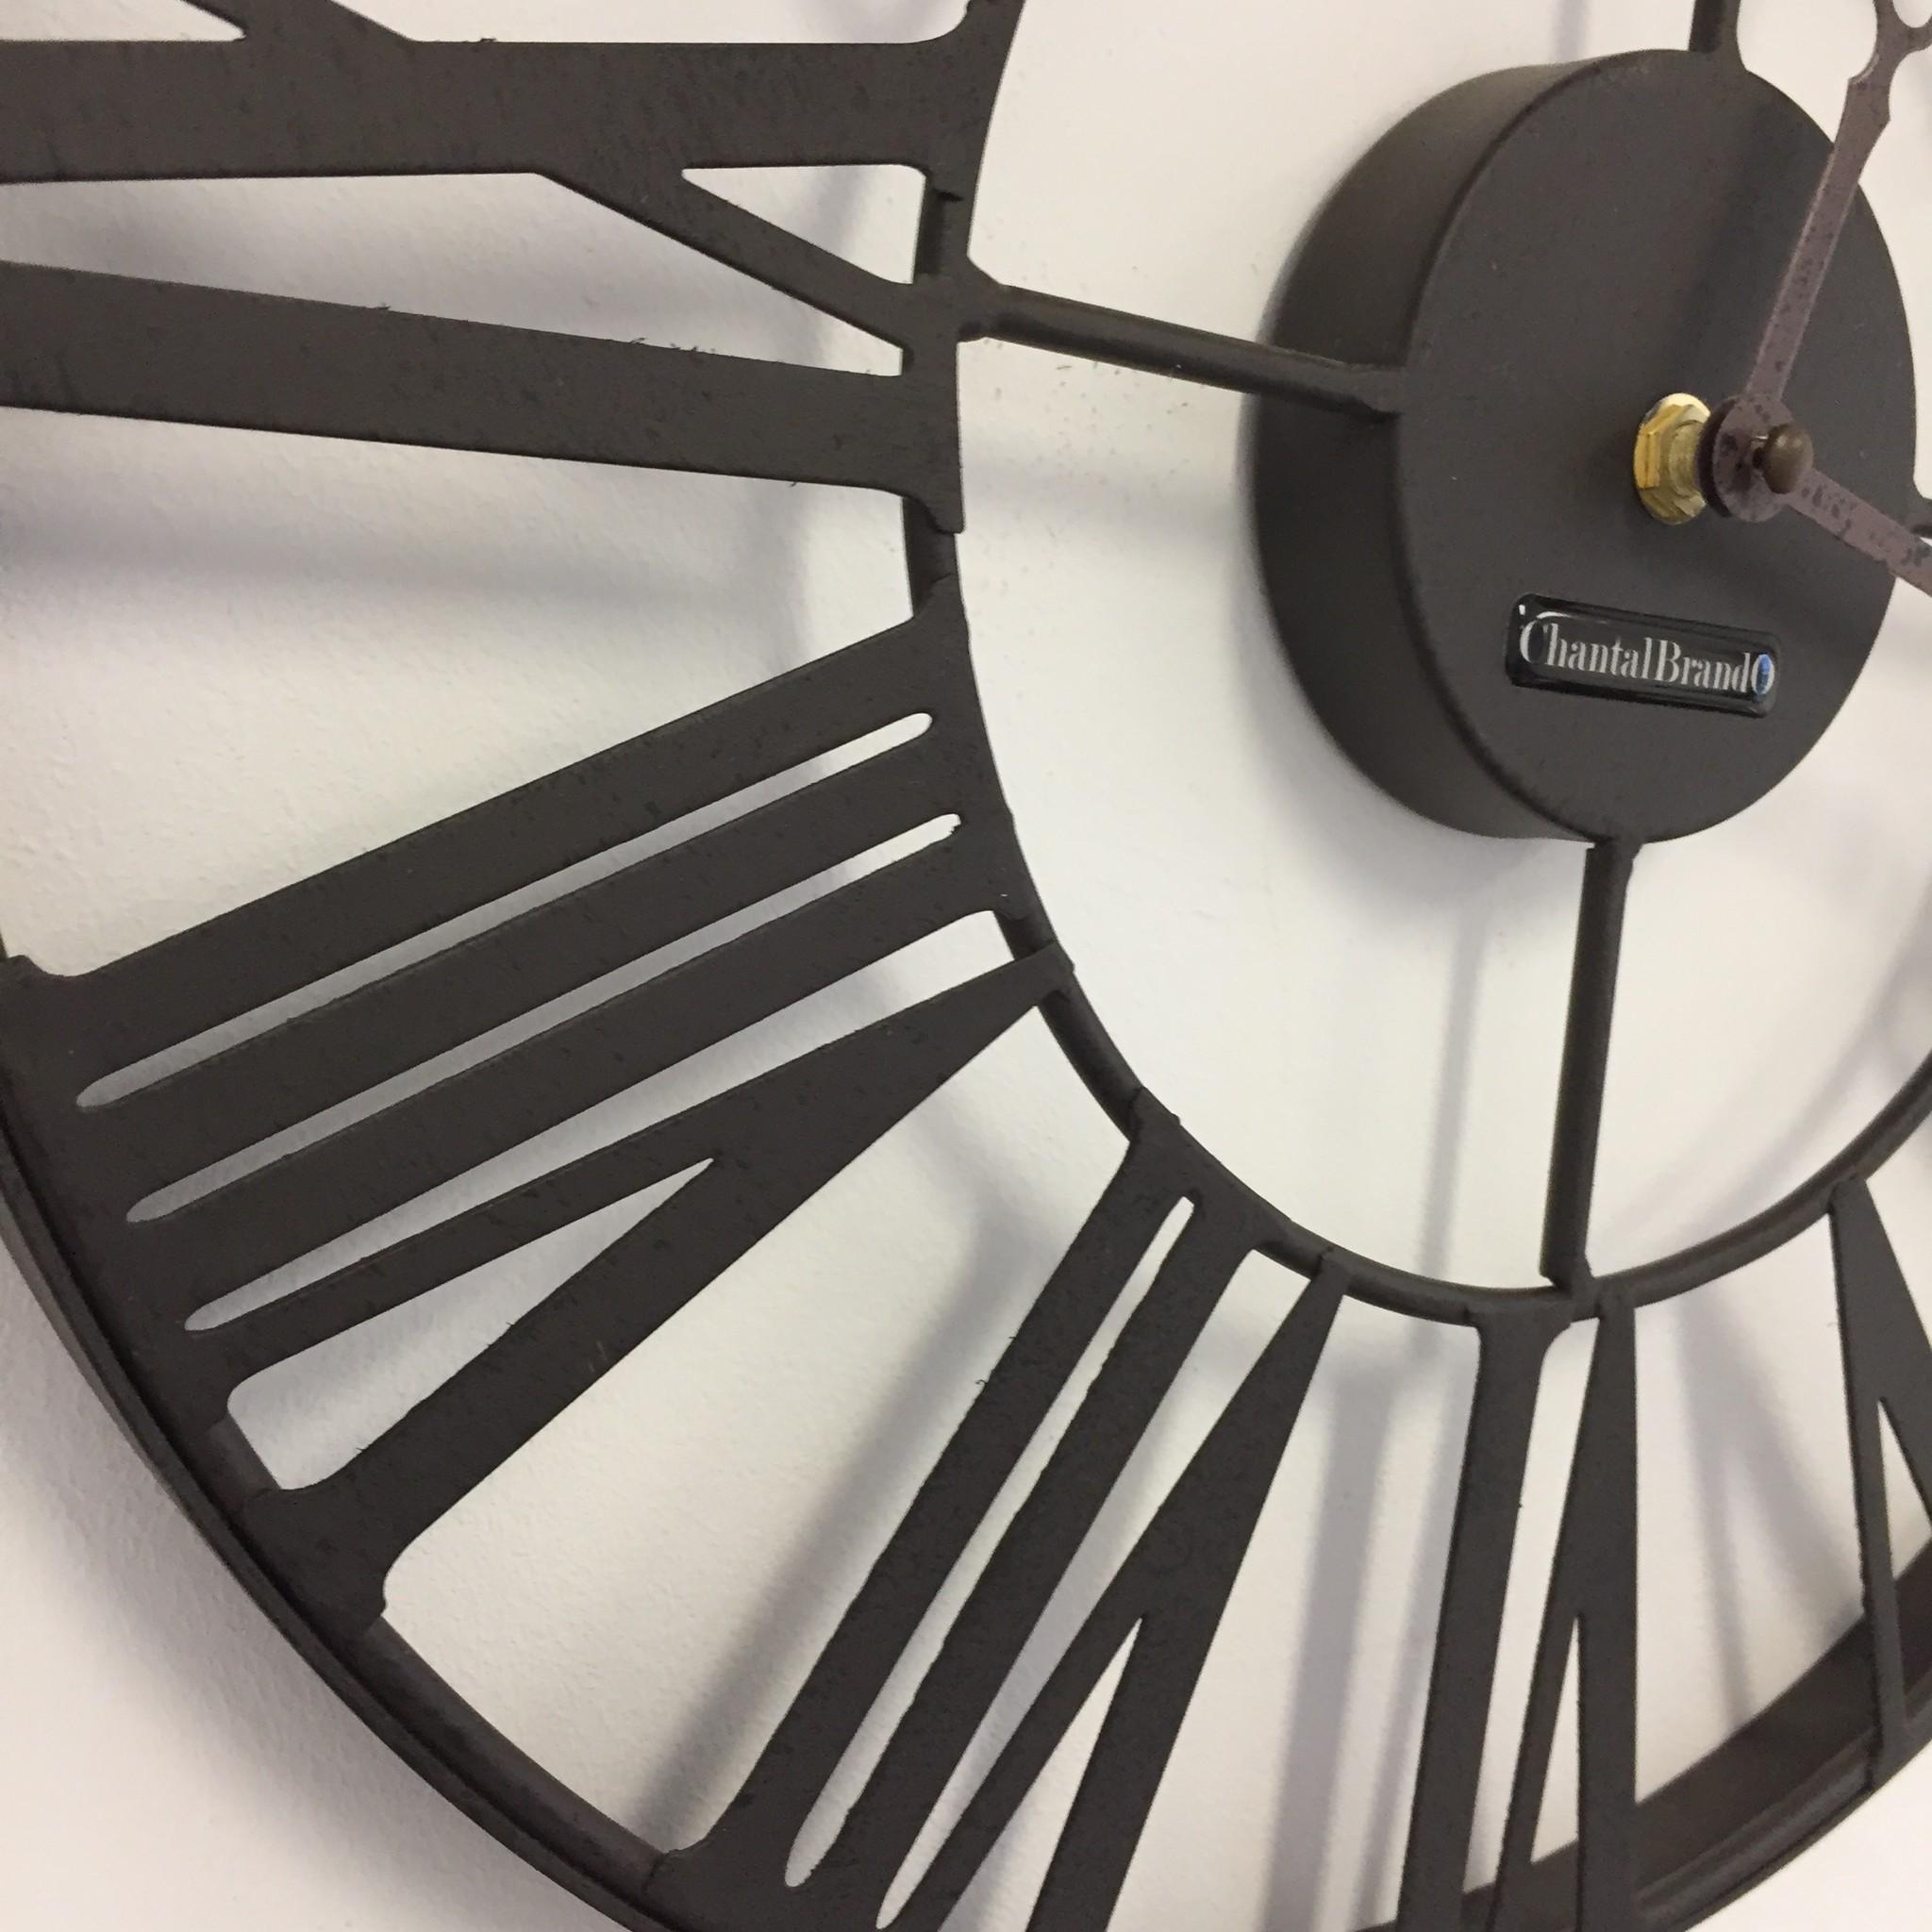 ChantalBrandO Wandklok metalen wiel retro bruin 37